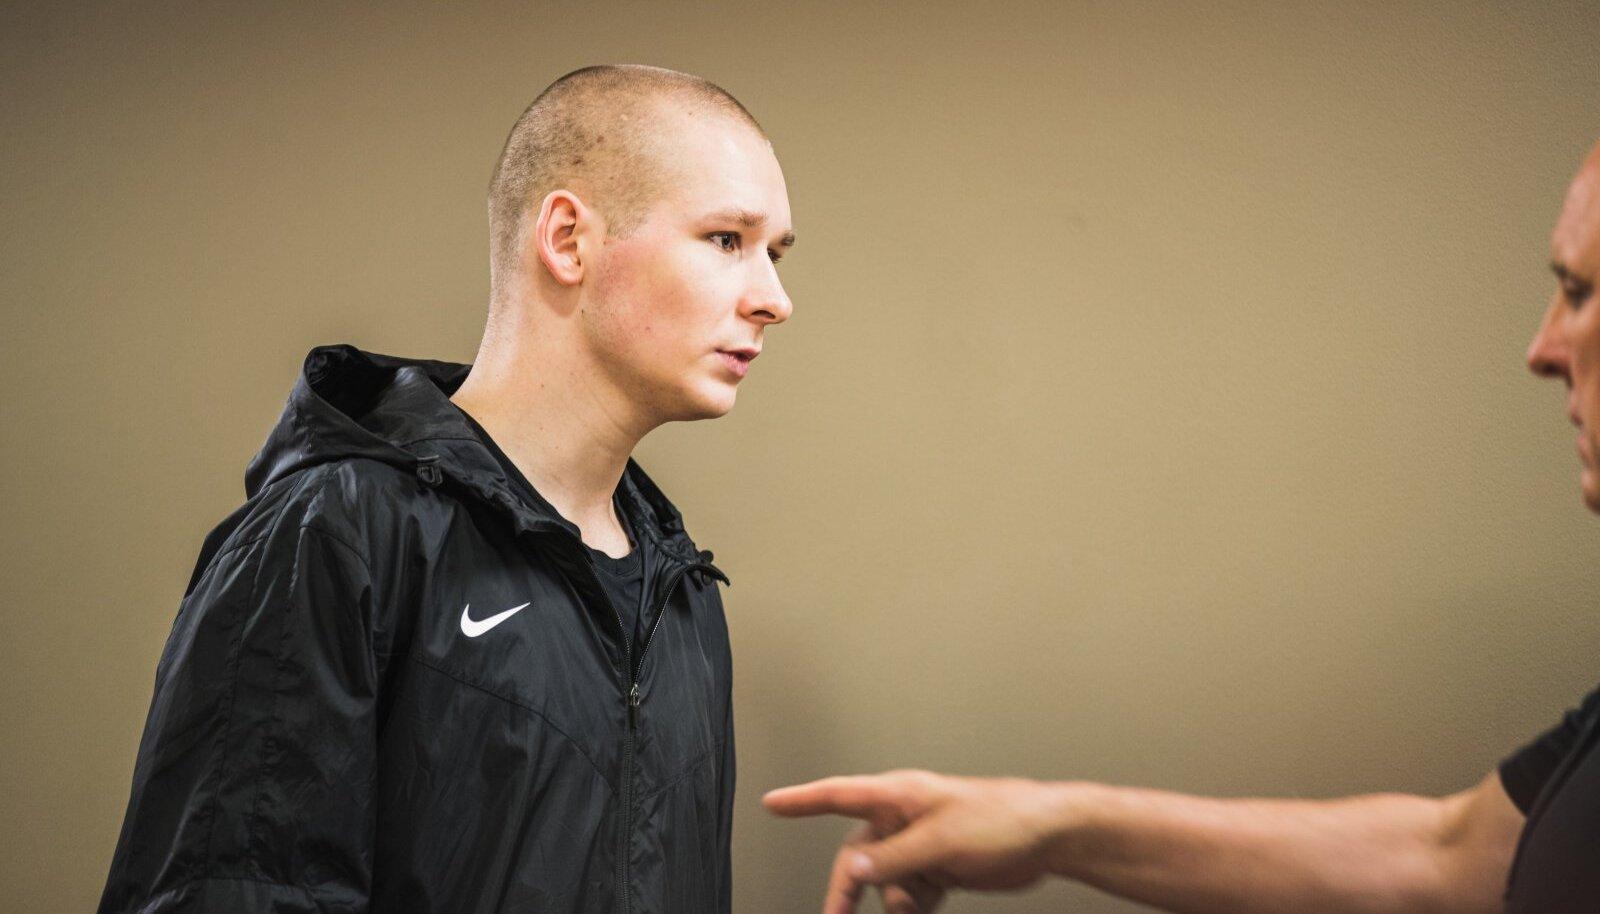 Eduard Kase kohtuotsus